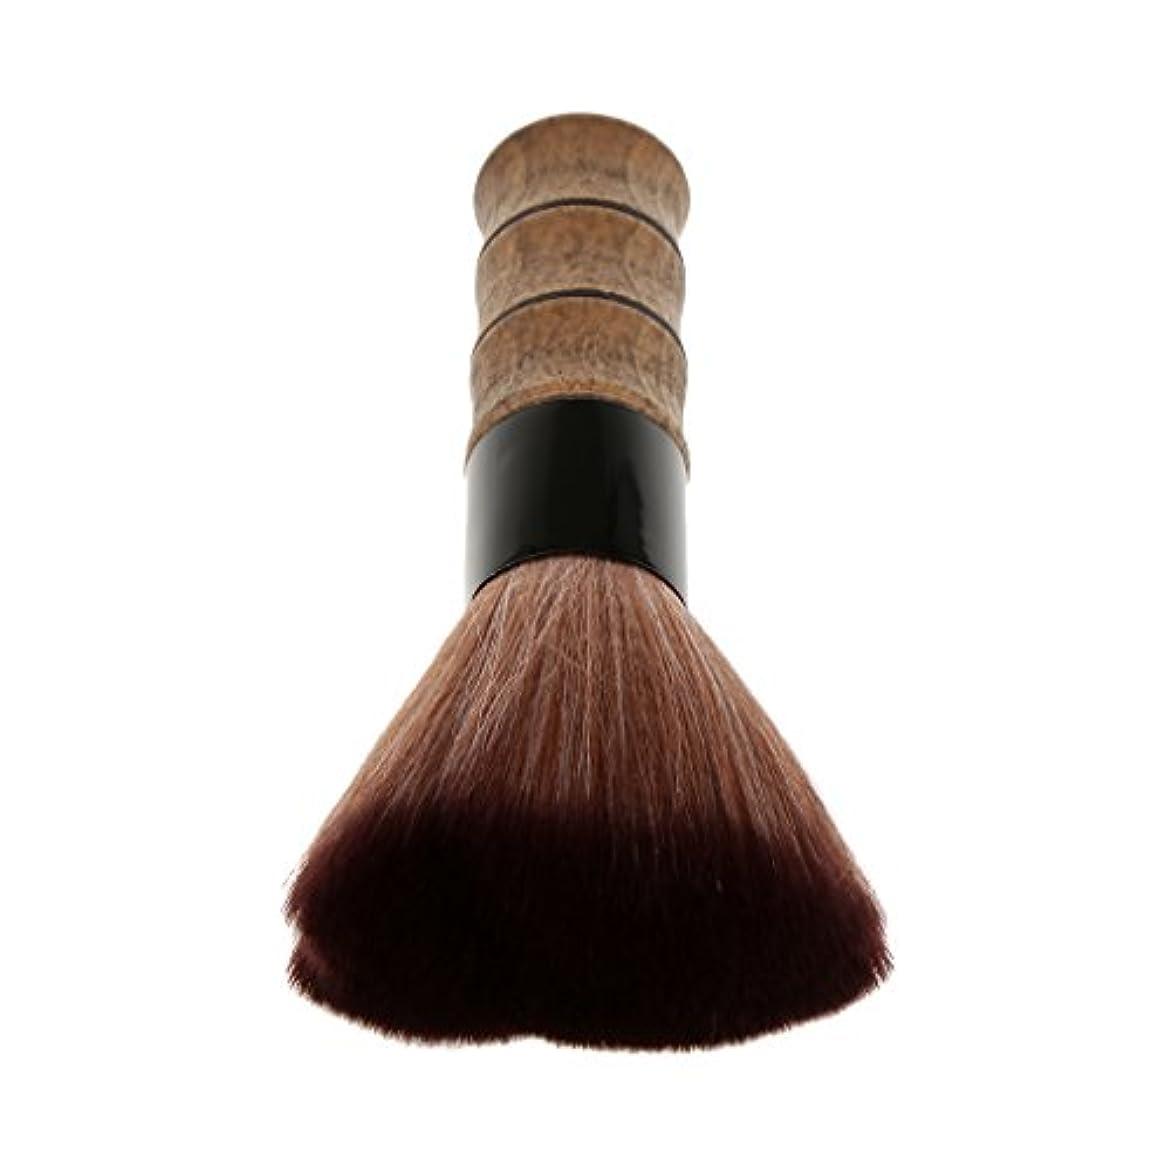 効率切り離す民間Perfk シェービングブラシ 洗顔 美容ブラシ メイクブラシ ソフトファイバー 竹ハンドル シェービング ブラシ スキンケア メイクアップ 2色選べる - 褐色